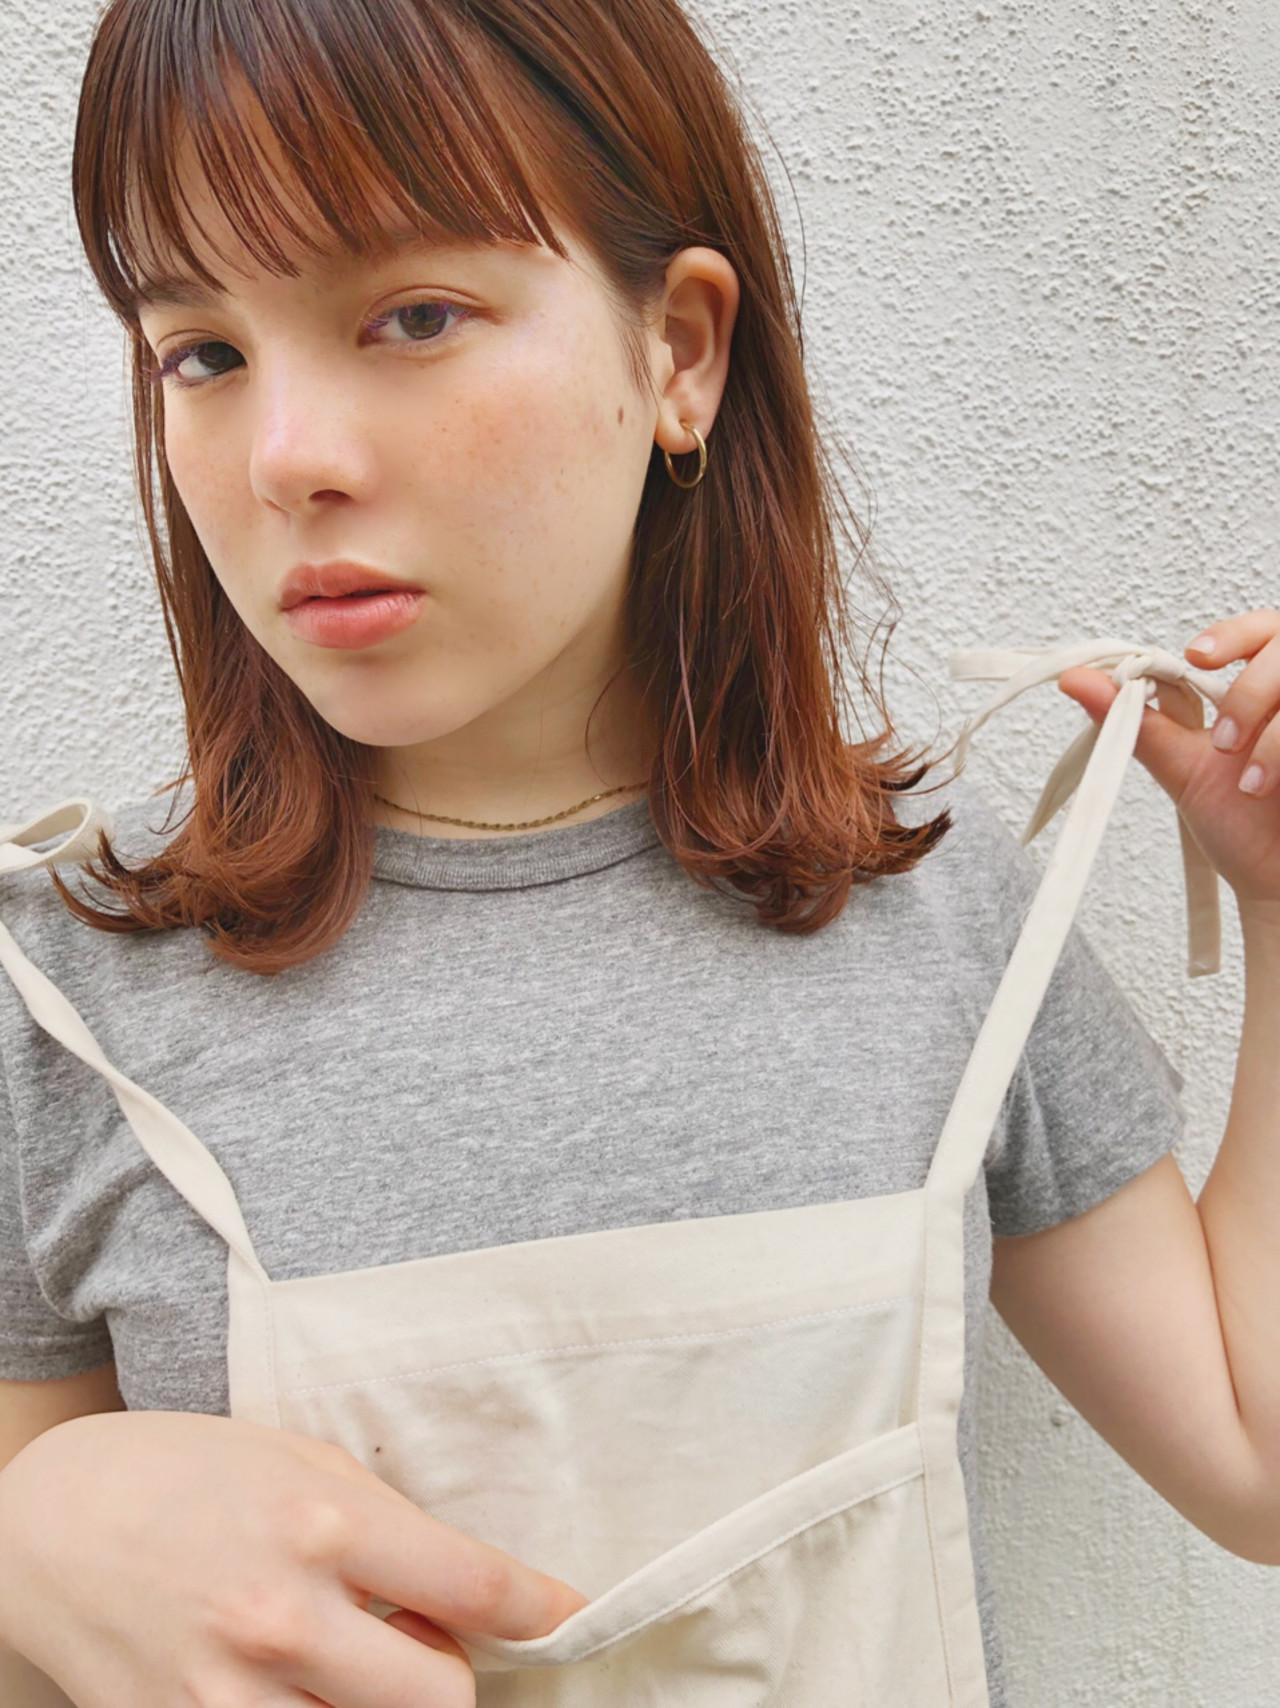 アンニュイほつれヘア スポーツ ガーリー アウトドア ヘアスタイルや髪型の写真・画像